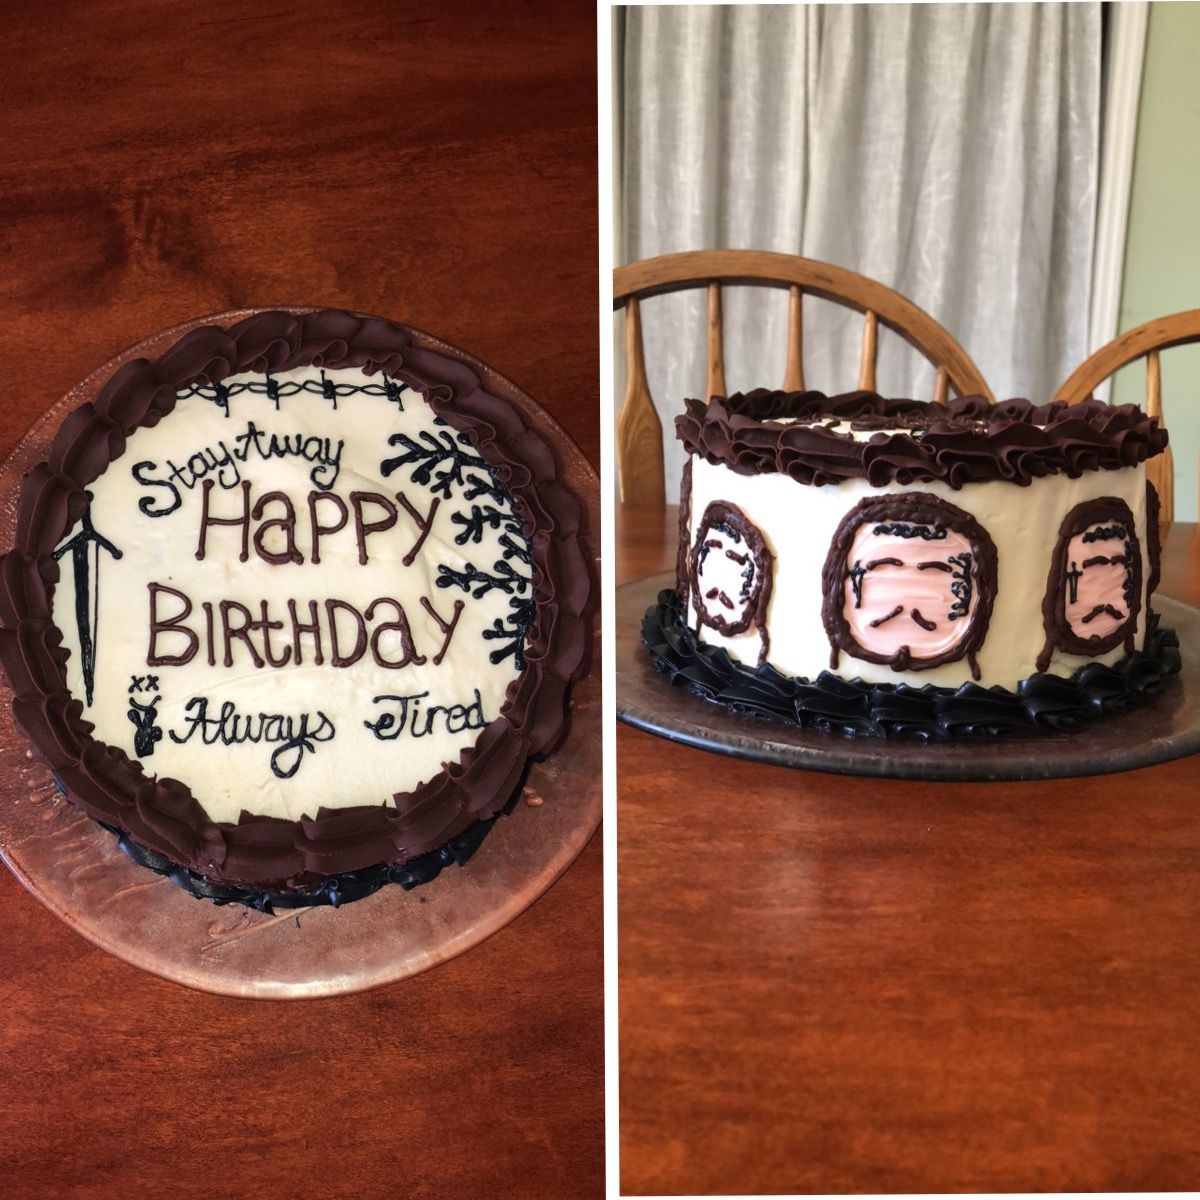 Marvelous Post Malone Birthday Cake Post Malone Quotes Cake Post Malone Personalised Birthday Cards Veneteletsinfo